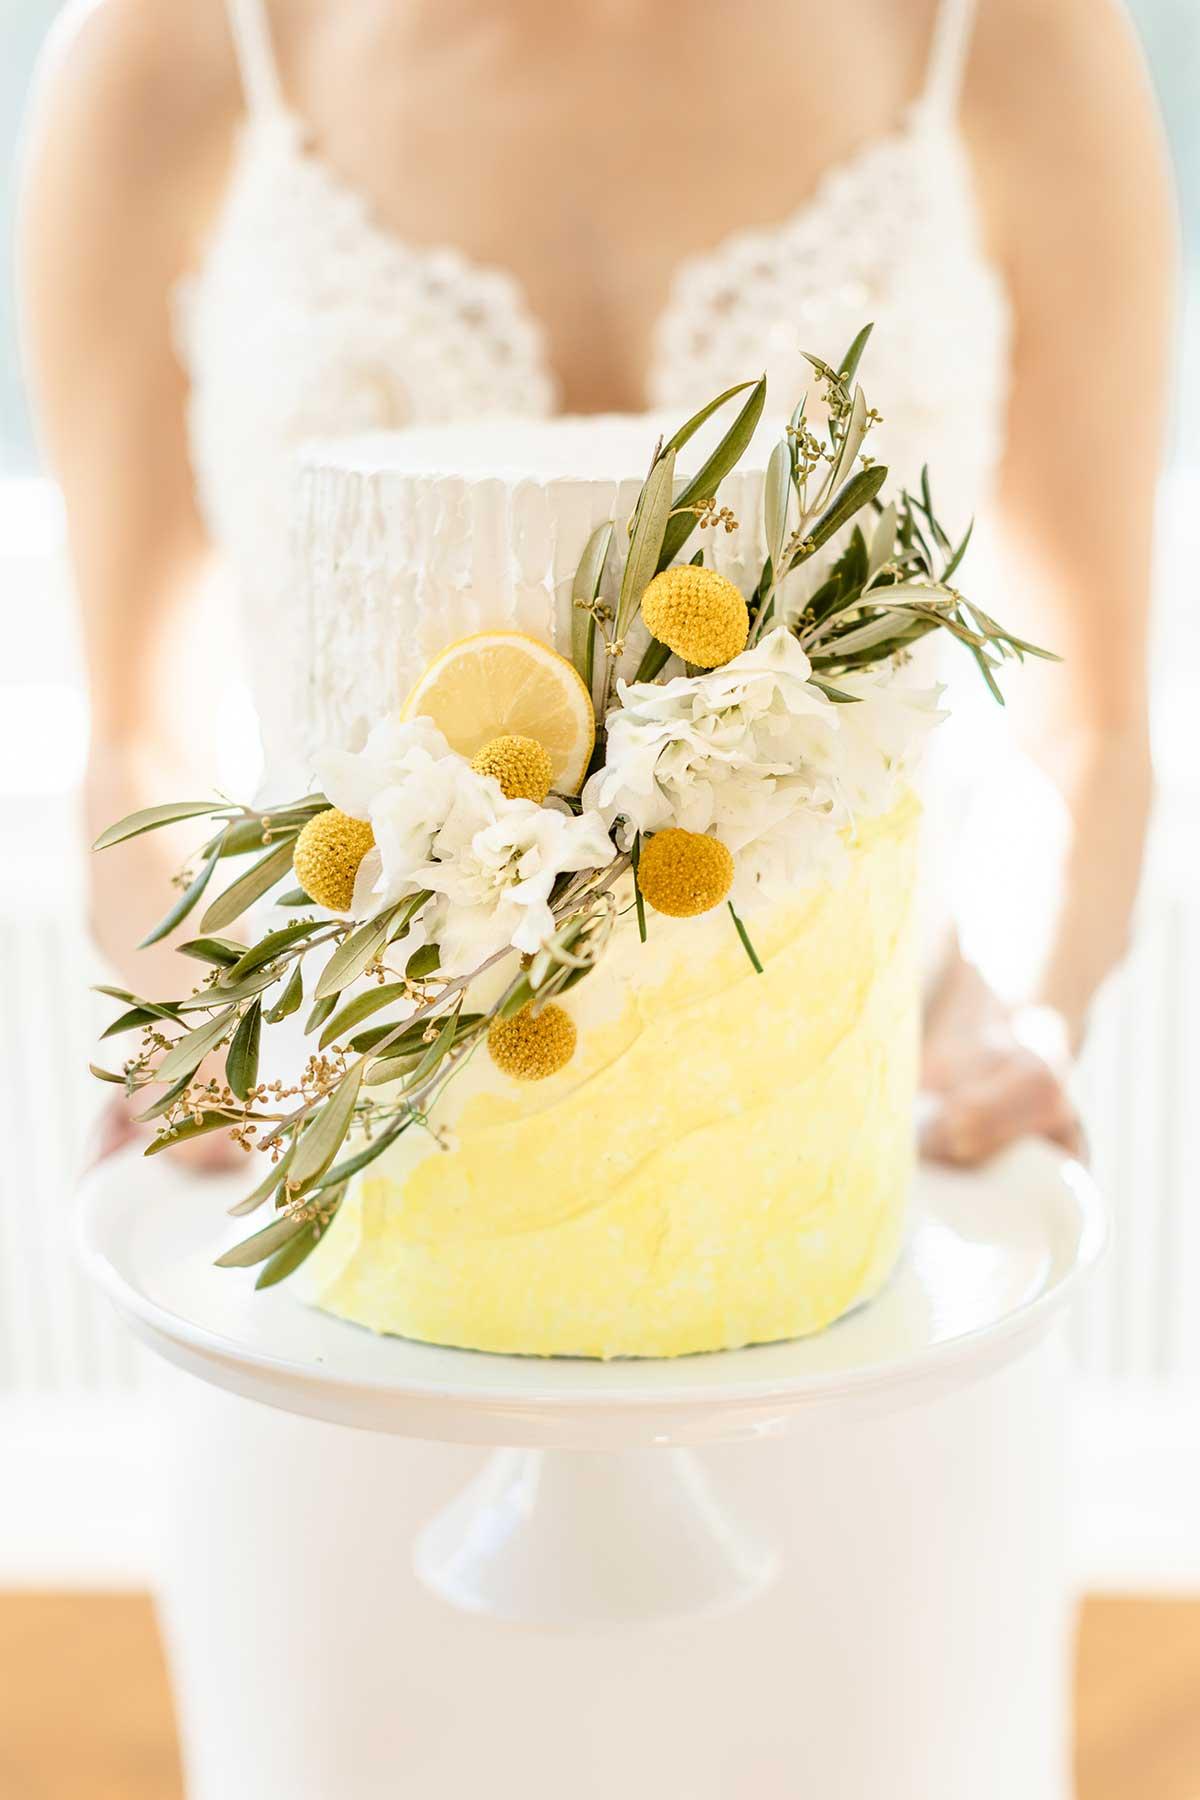 Hochzeitstorte in Gelb und Weiß mit Früchten